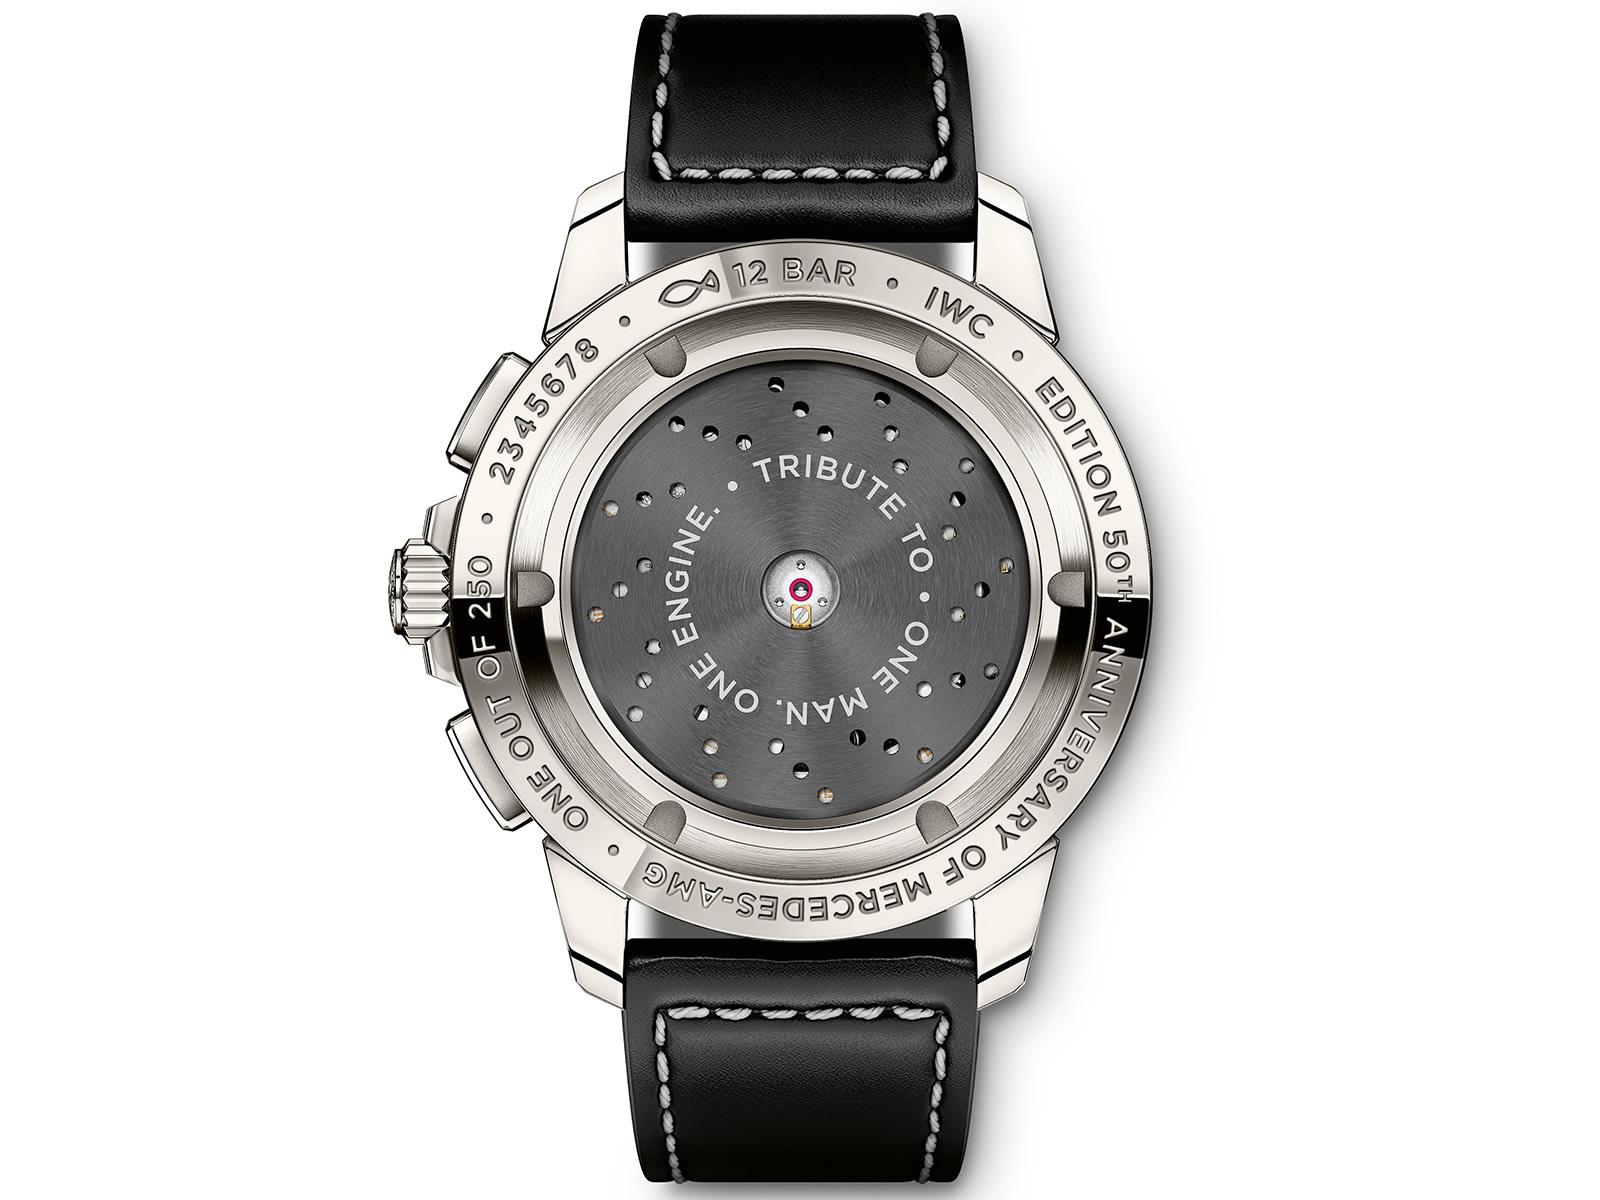 iw380902-iwc-ingenieur-chronograph-sport-edition-3-.jpg